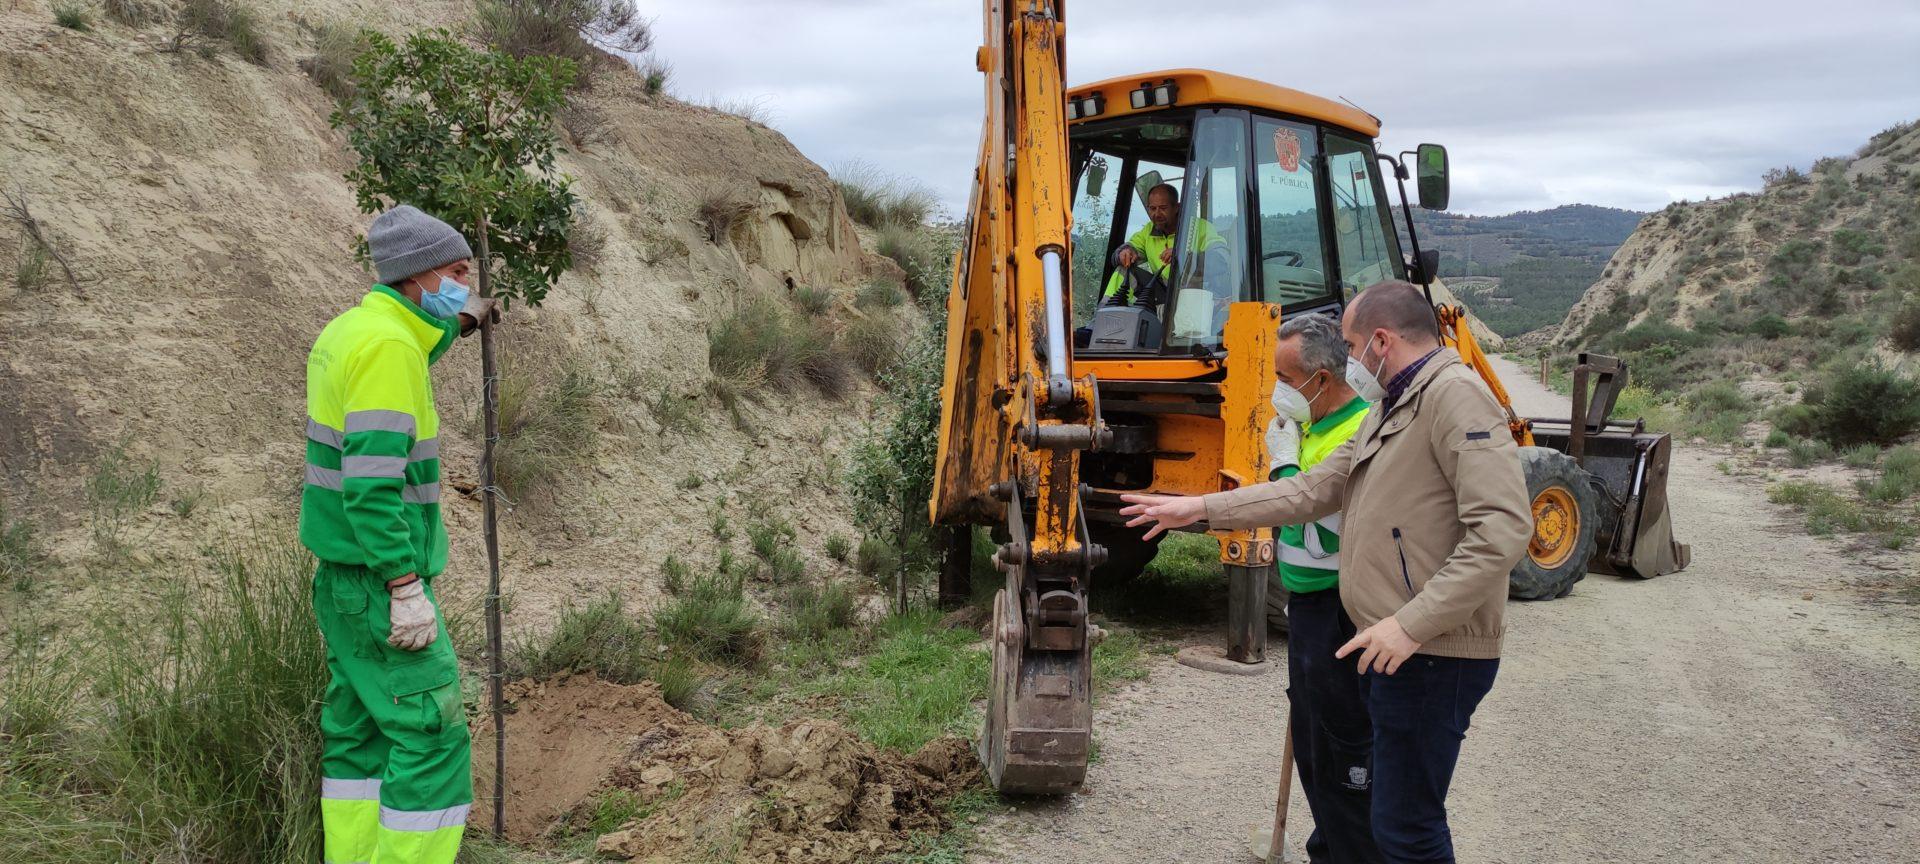 El Ayuntamiento de Huércal-Overa planta 800 árboles en distintos puntos del término municipal procedentes del Plan SAVIA